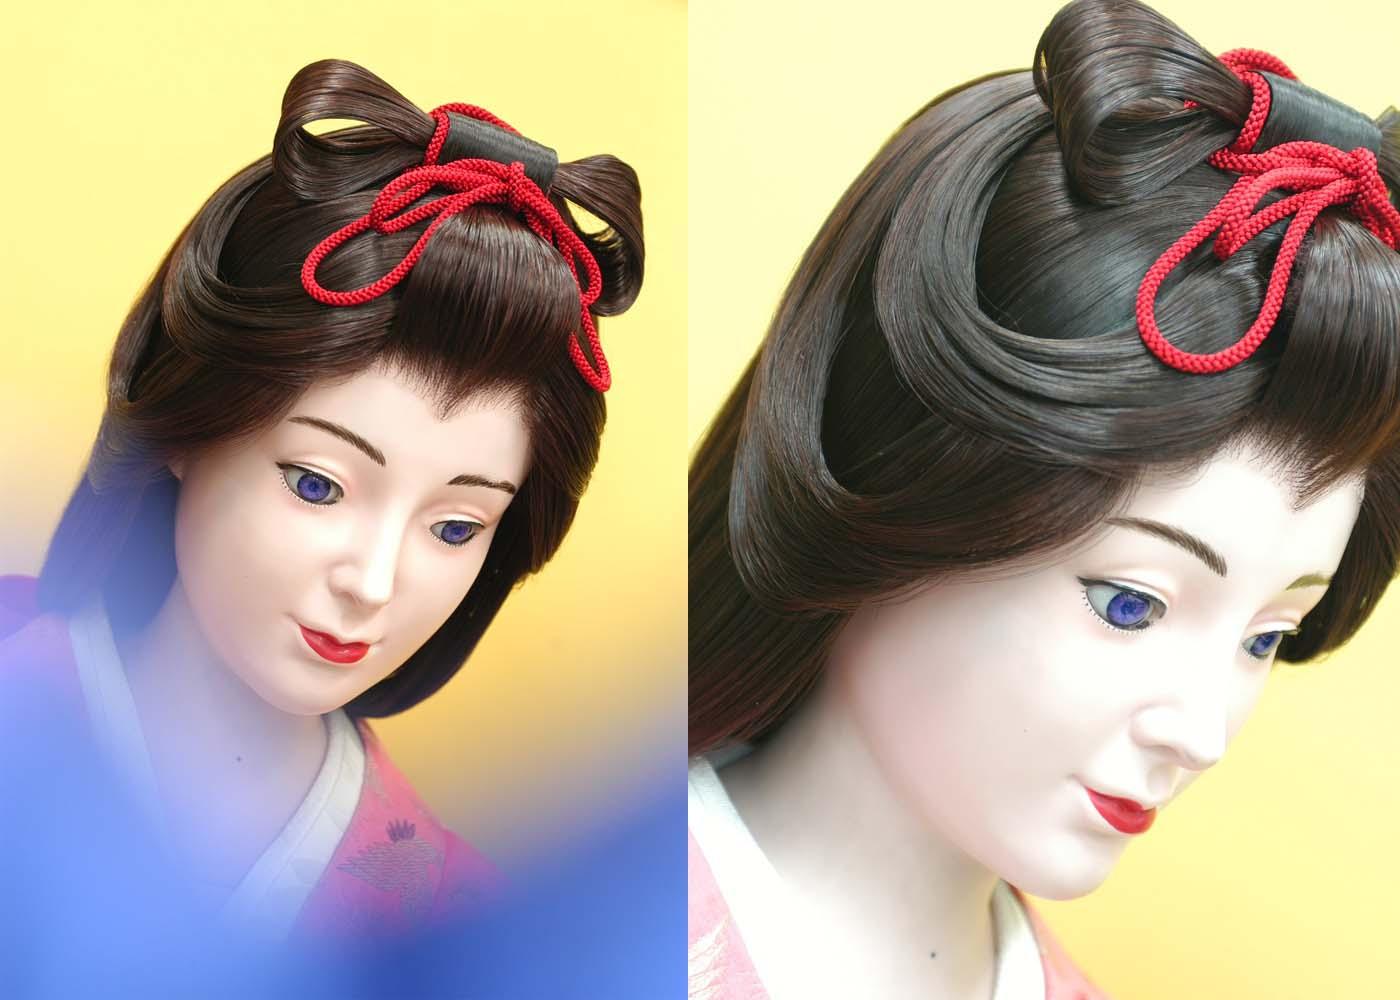 天女 カツラ 挙式 結婚式 披露宴 イベント コスプレ 日本髪 撮影  宴会 舞台 パーティー(レンタル 栗色)